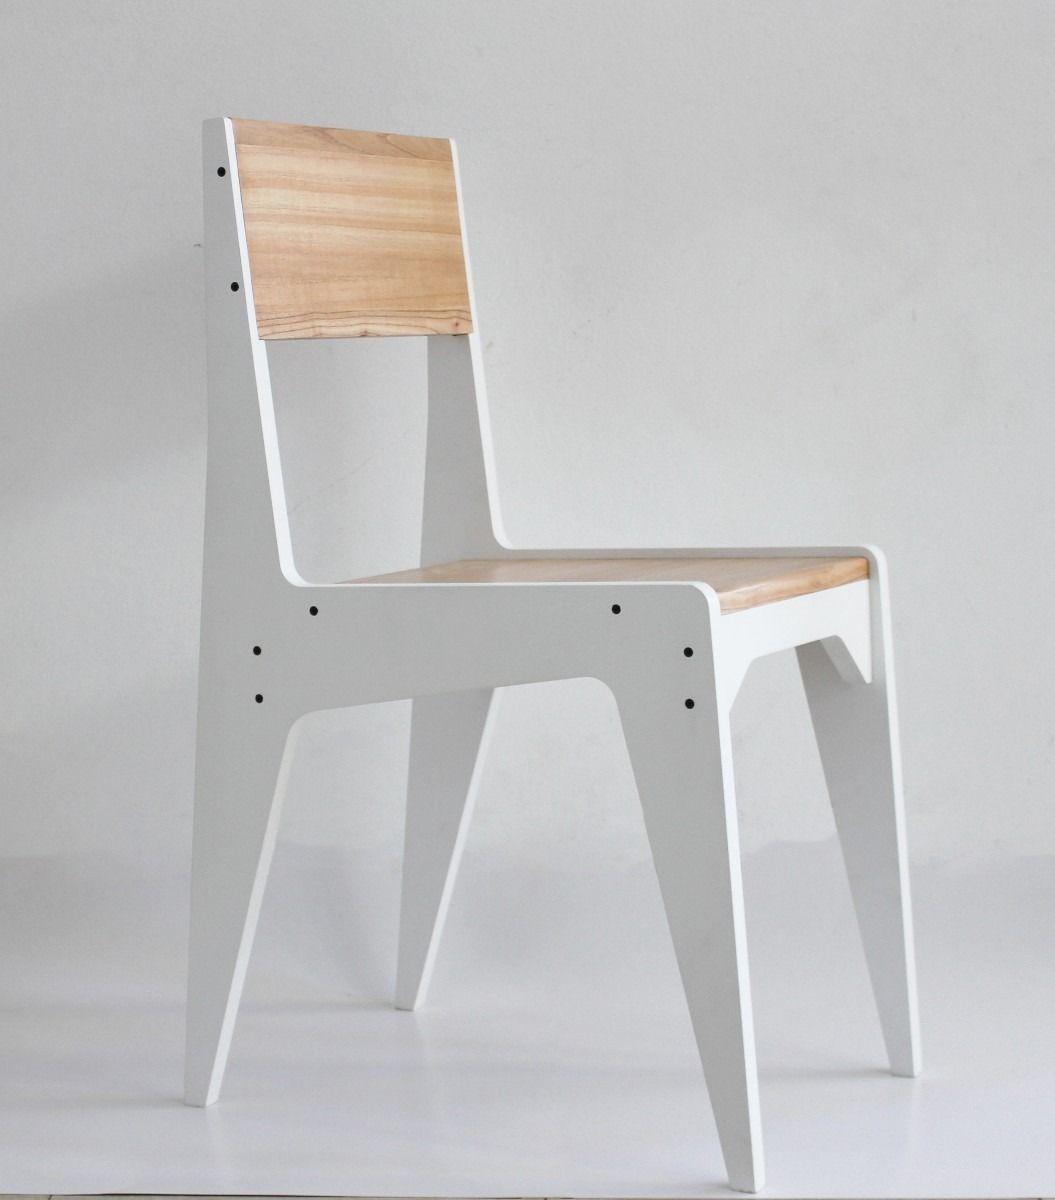 Sillas madera paraiso dise o muebles en - Disenos de comedores de madera ...